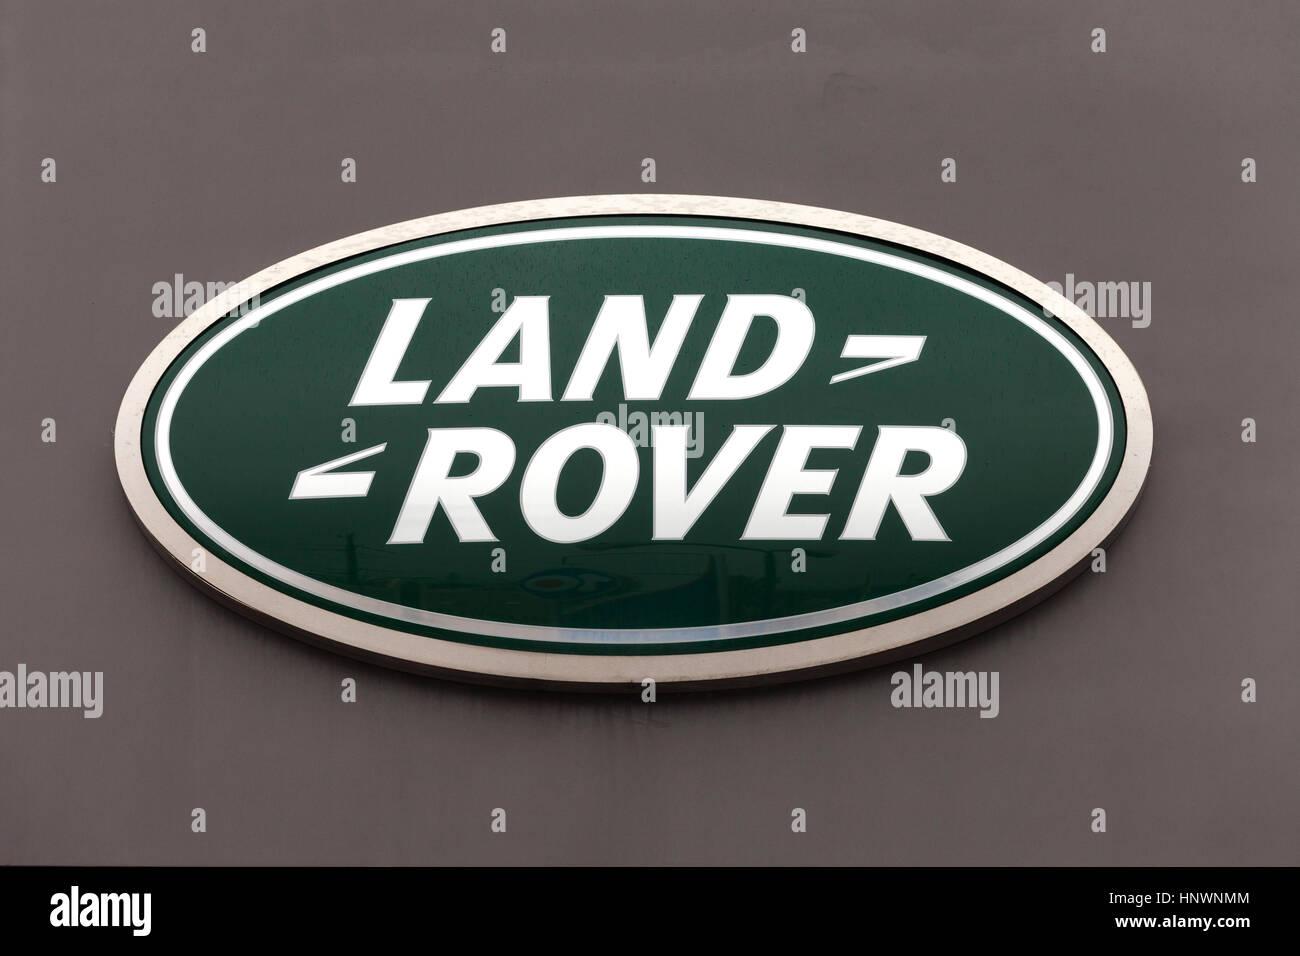 land rover schild land rover ist eine automarke die. Black Bedroom Furniture Sets. Home Design Ideas